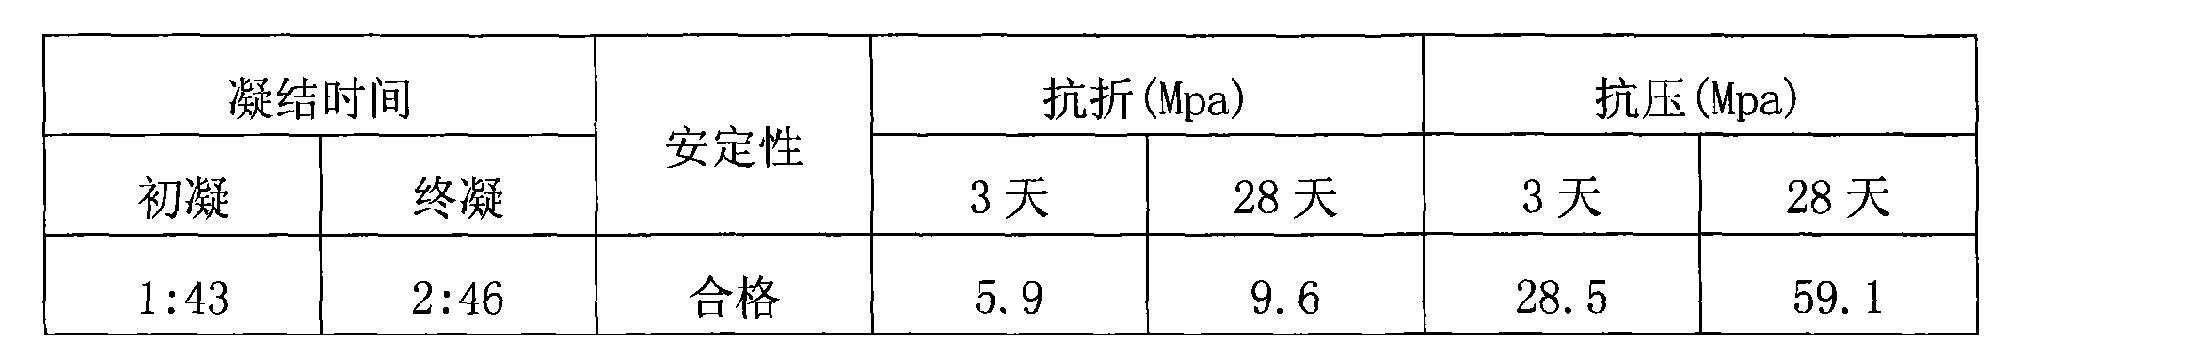 Figure CN101343047BD00133